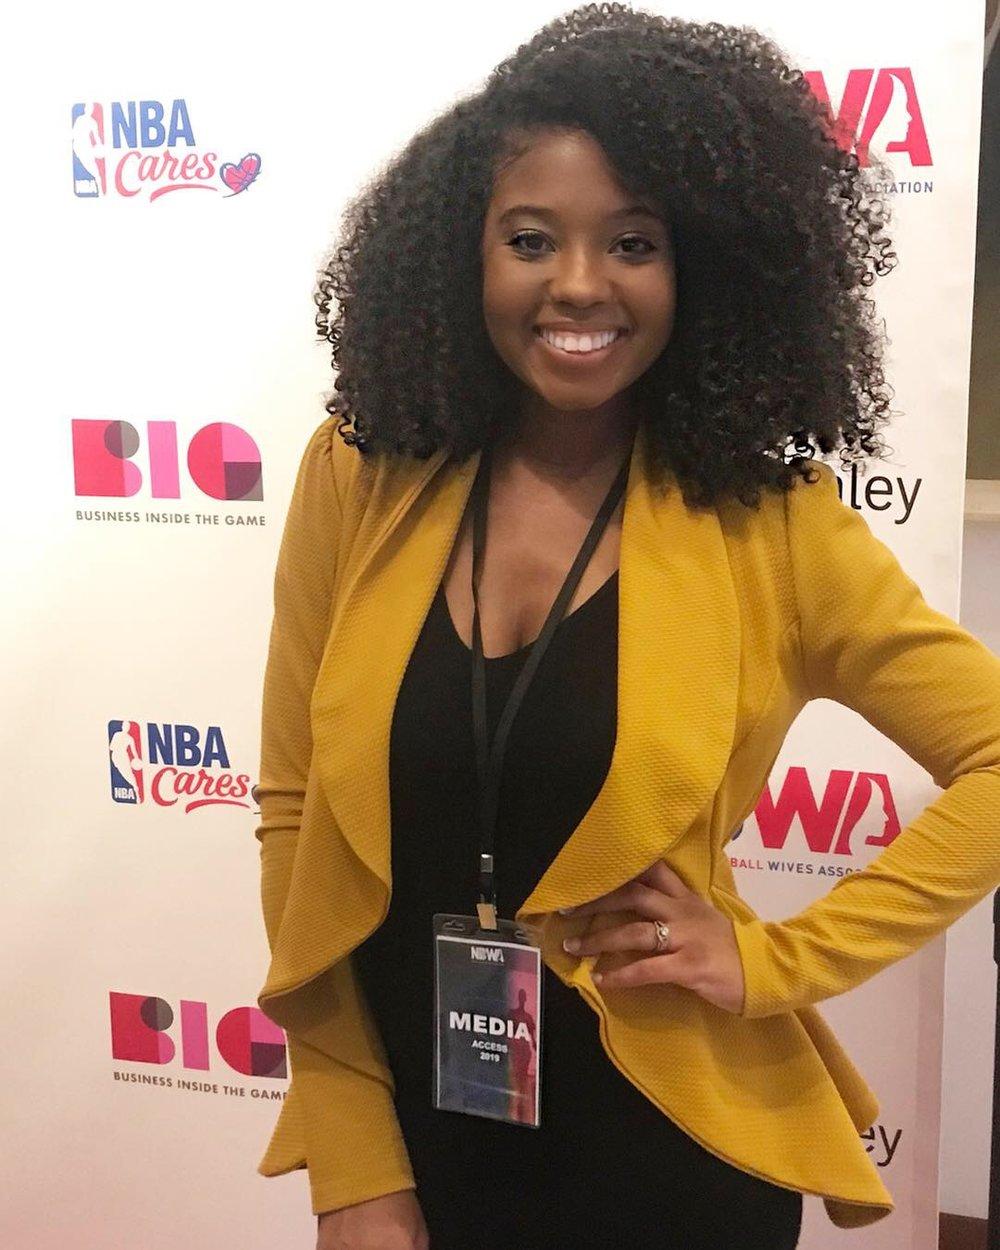 Just Being Britt JustBeingBritt NBWA National Basketball Wives Association Women's Empowerment Summit 2019